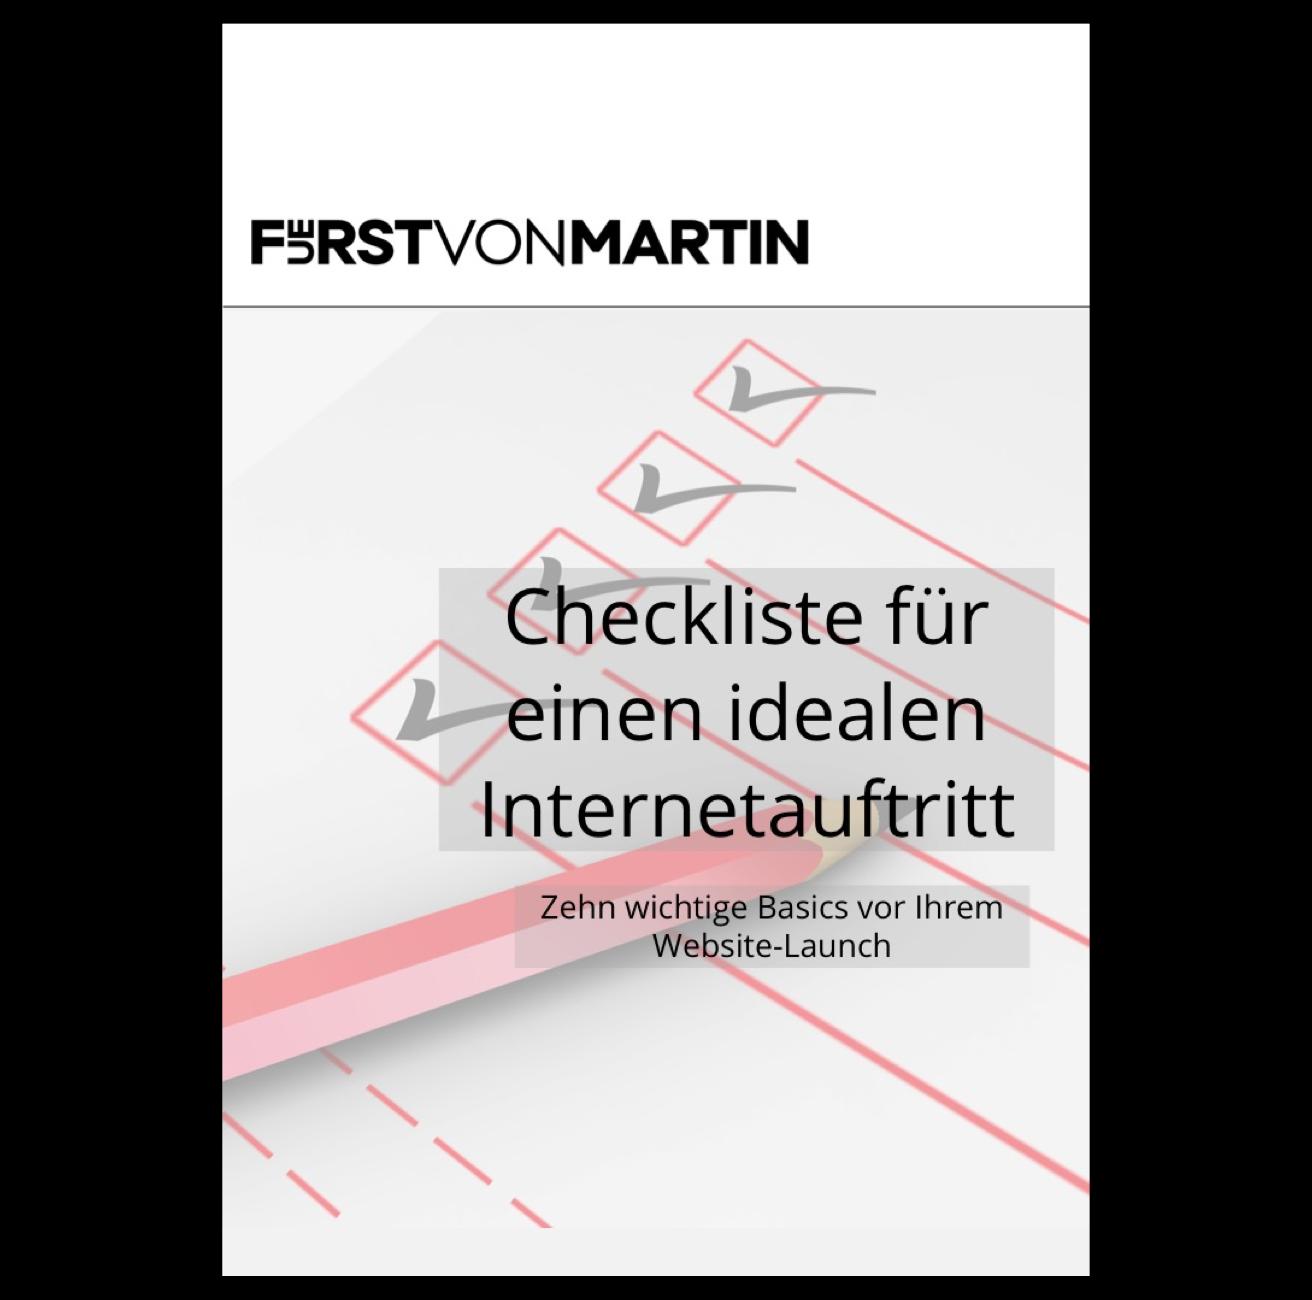 Checkliste_Launch_FUERSTVONMARTIN